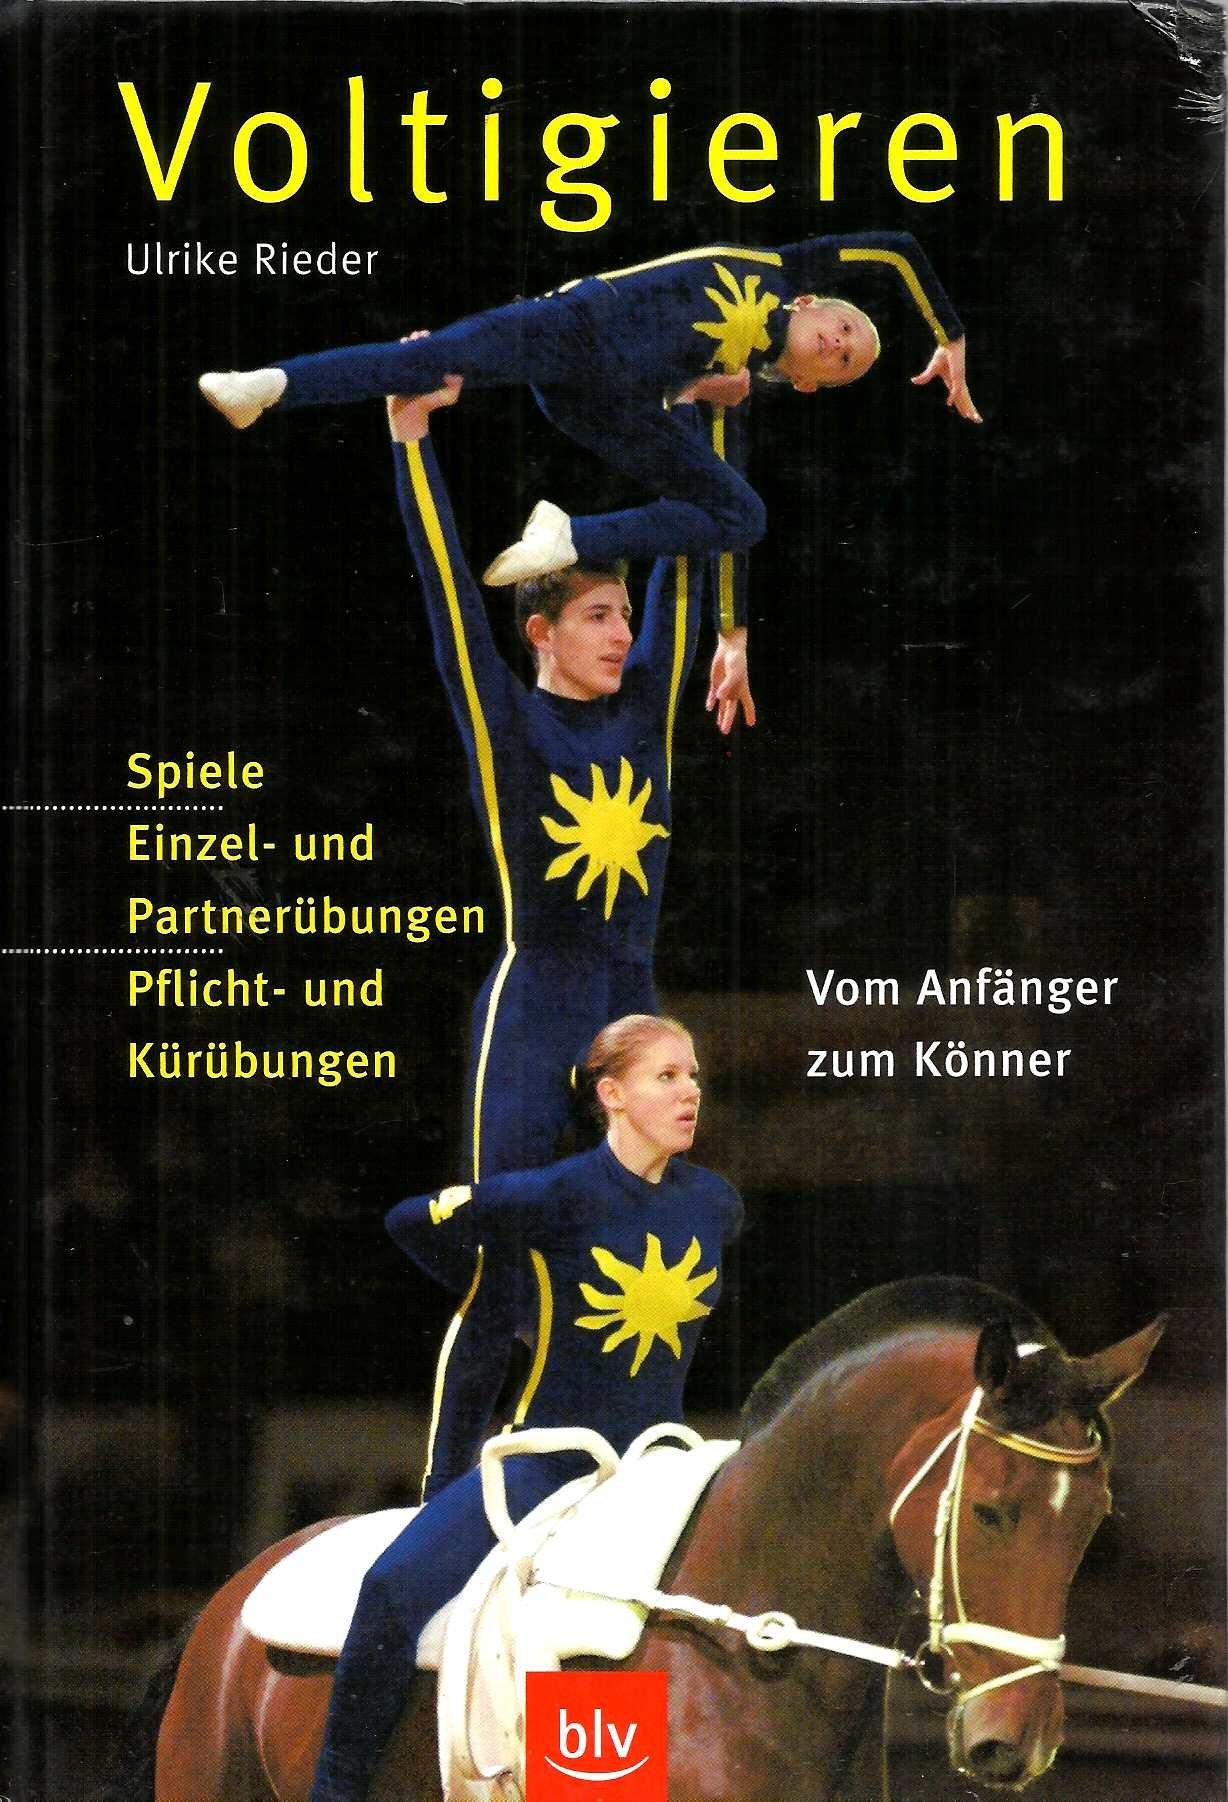 voltigieren-vom-anfnger-zum-knner